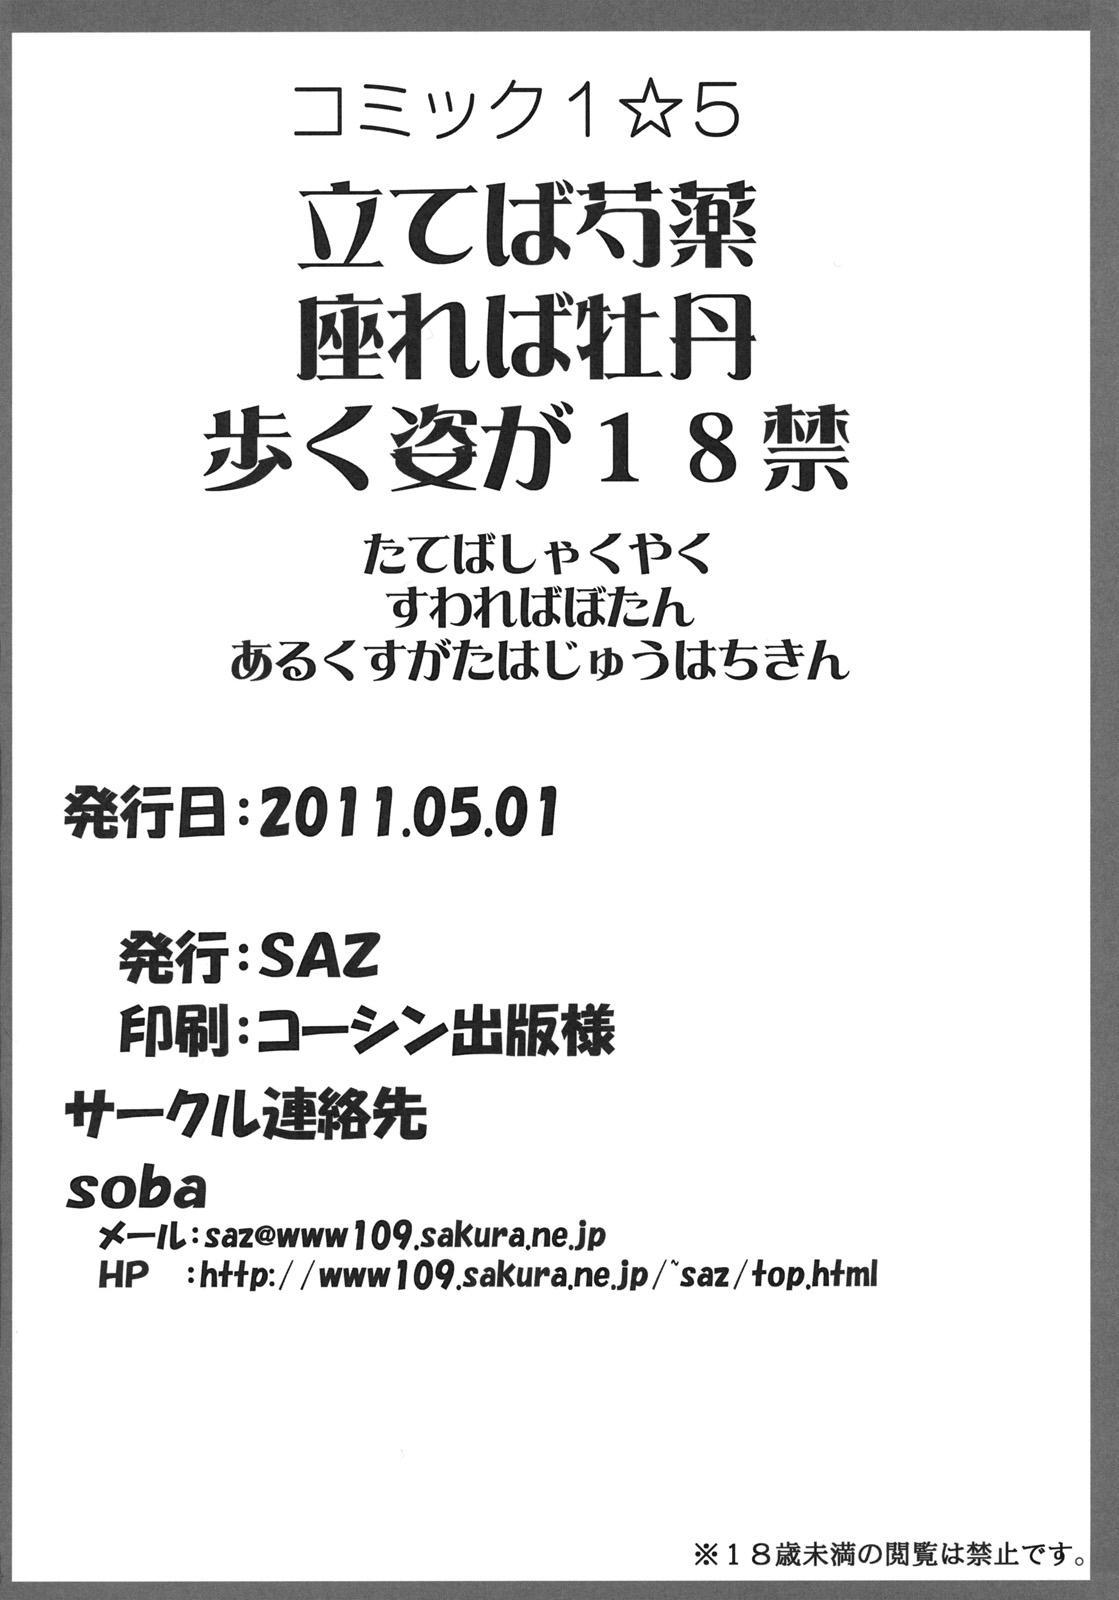 Tateba Shakuyaku Suwareba Botan Aruku Sugata wa 18kin 23